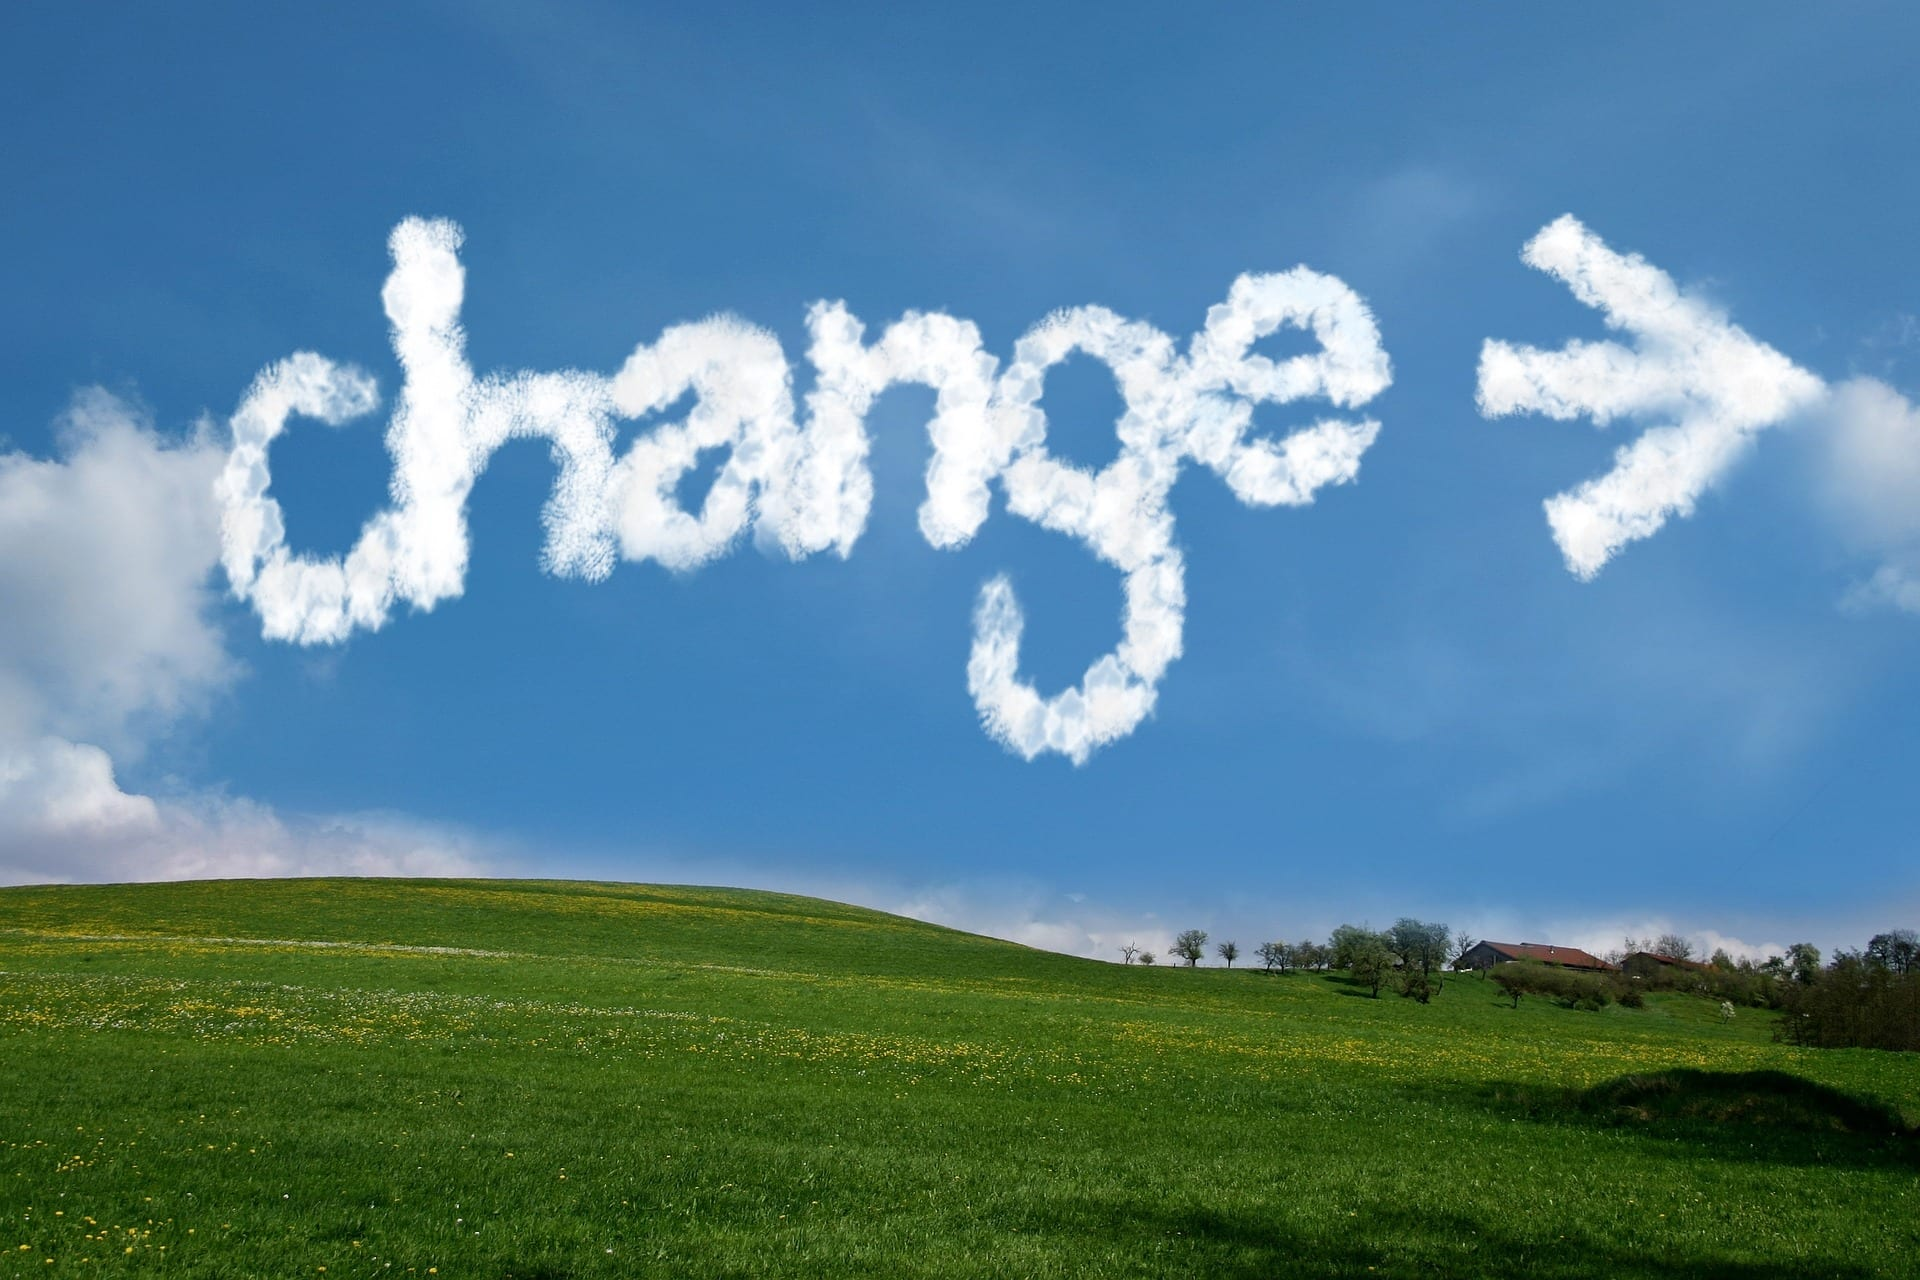 Santé, bonheur et relance en 2021 !